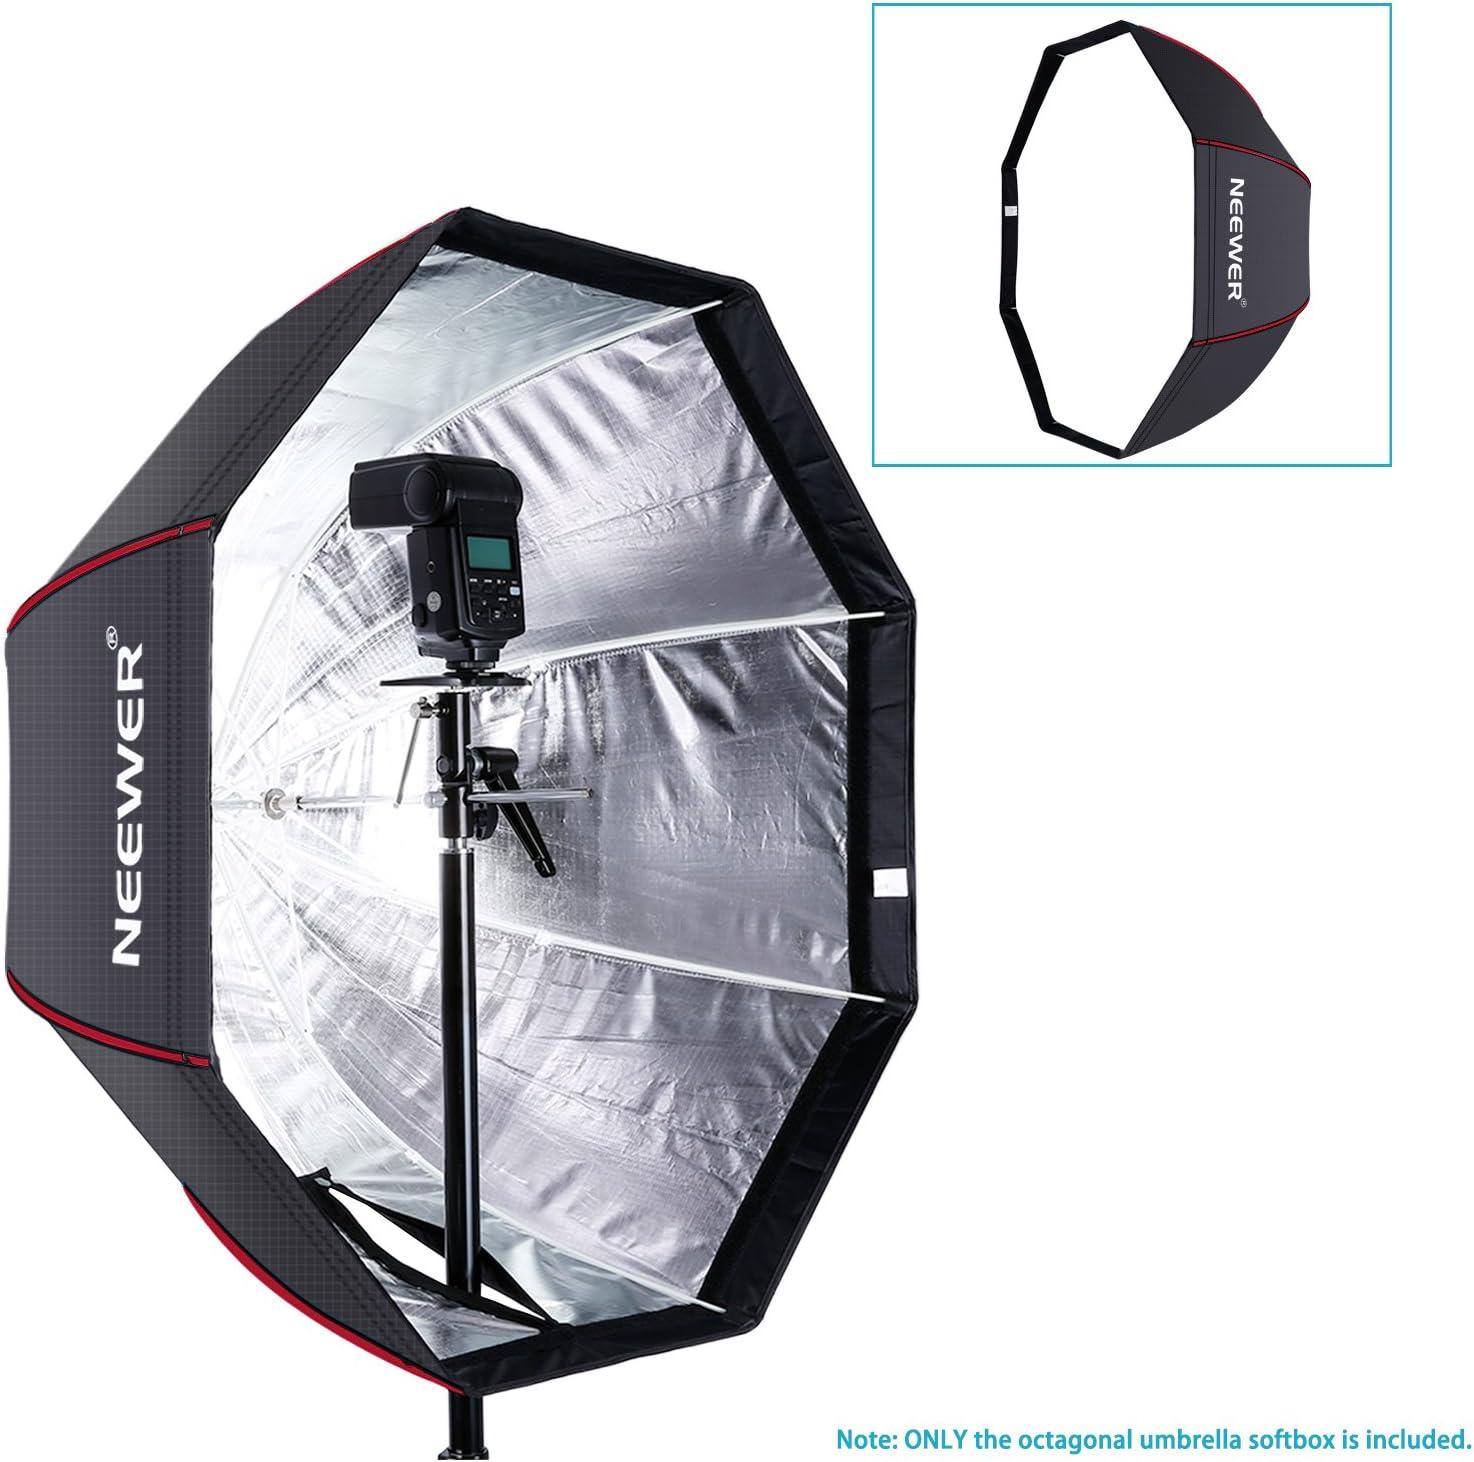 Neewer 120 Zentimeter Achteckige Softbox Studioschirm Kamera